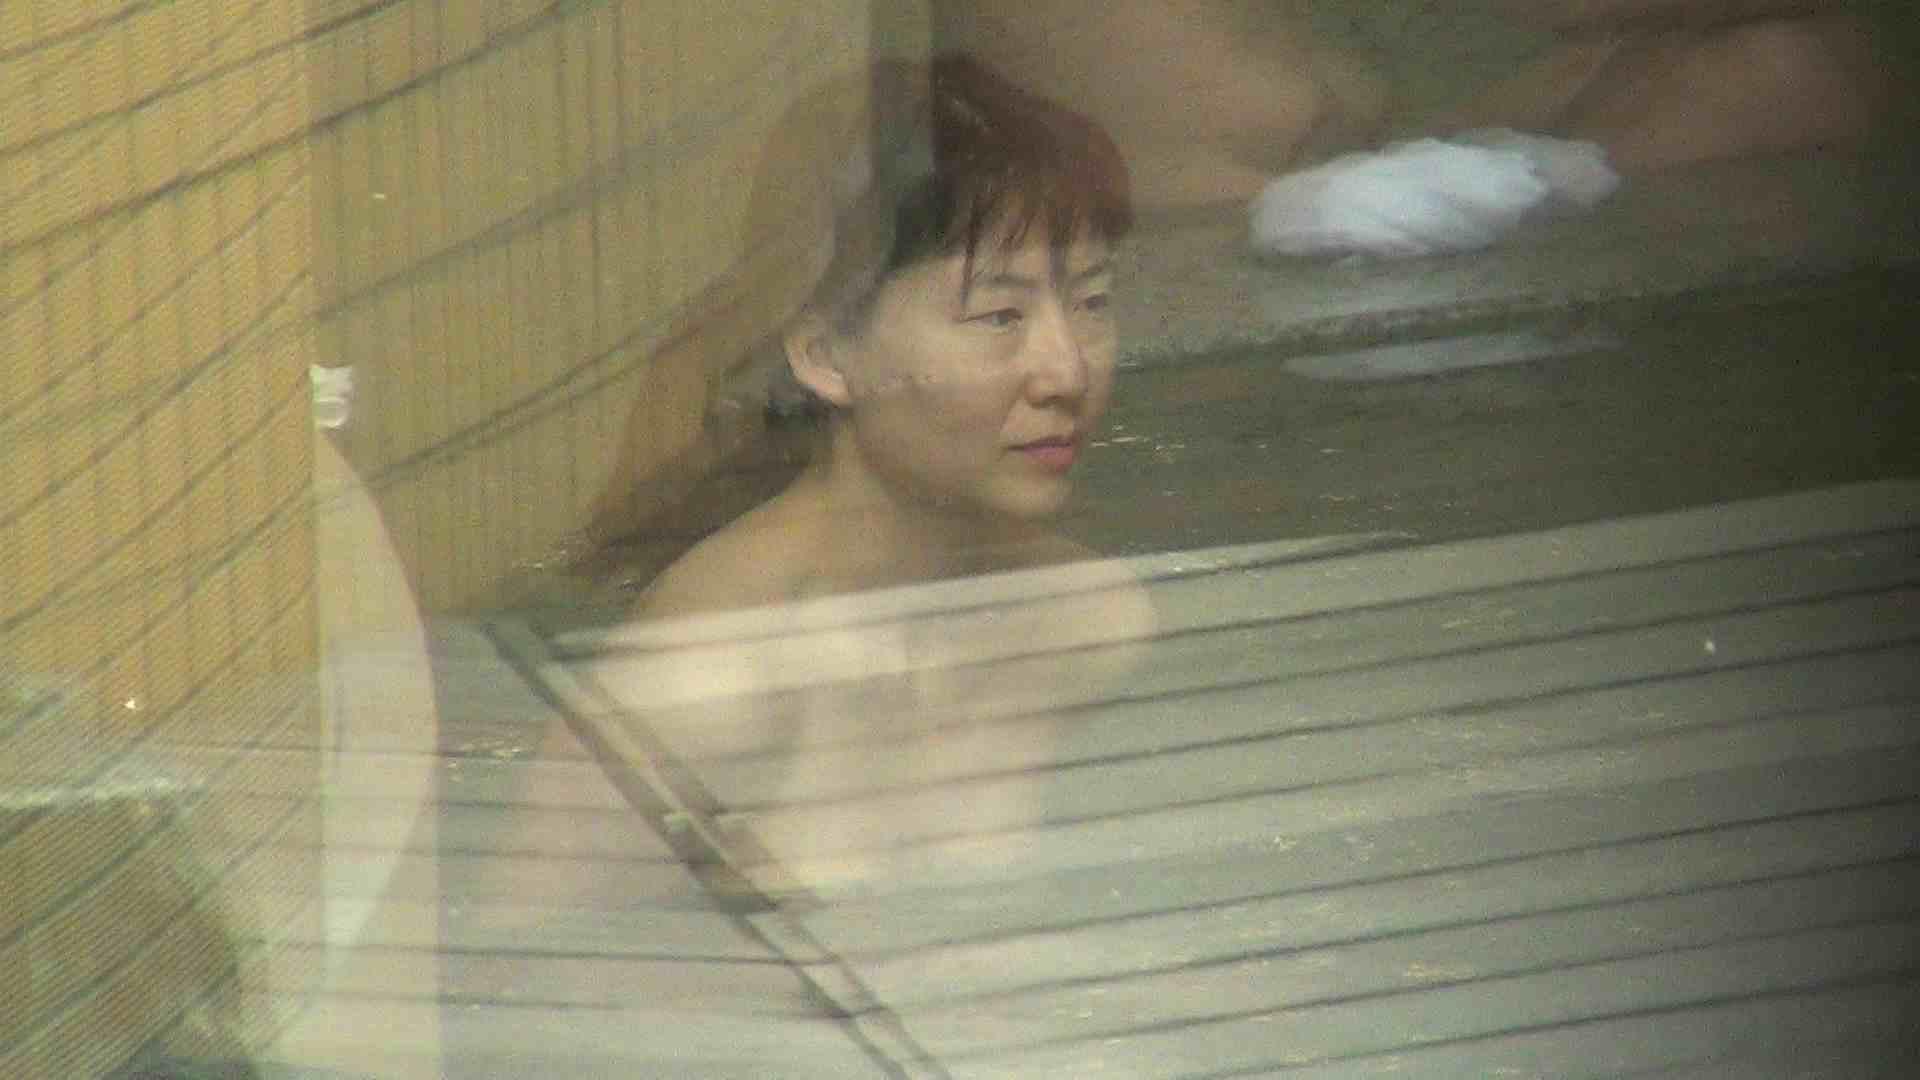 Aquaな露天風呂Vol.299 OLのエロ生活   盗撮  53連発 37